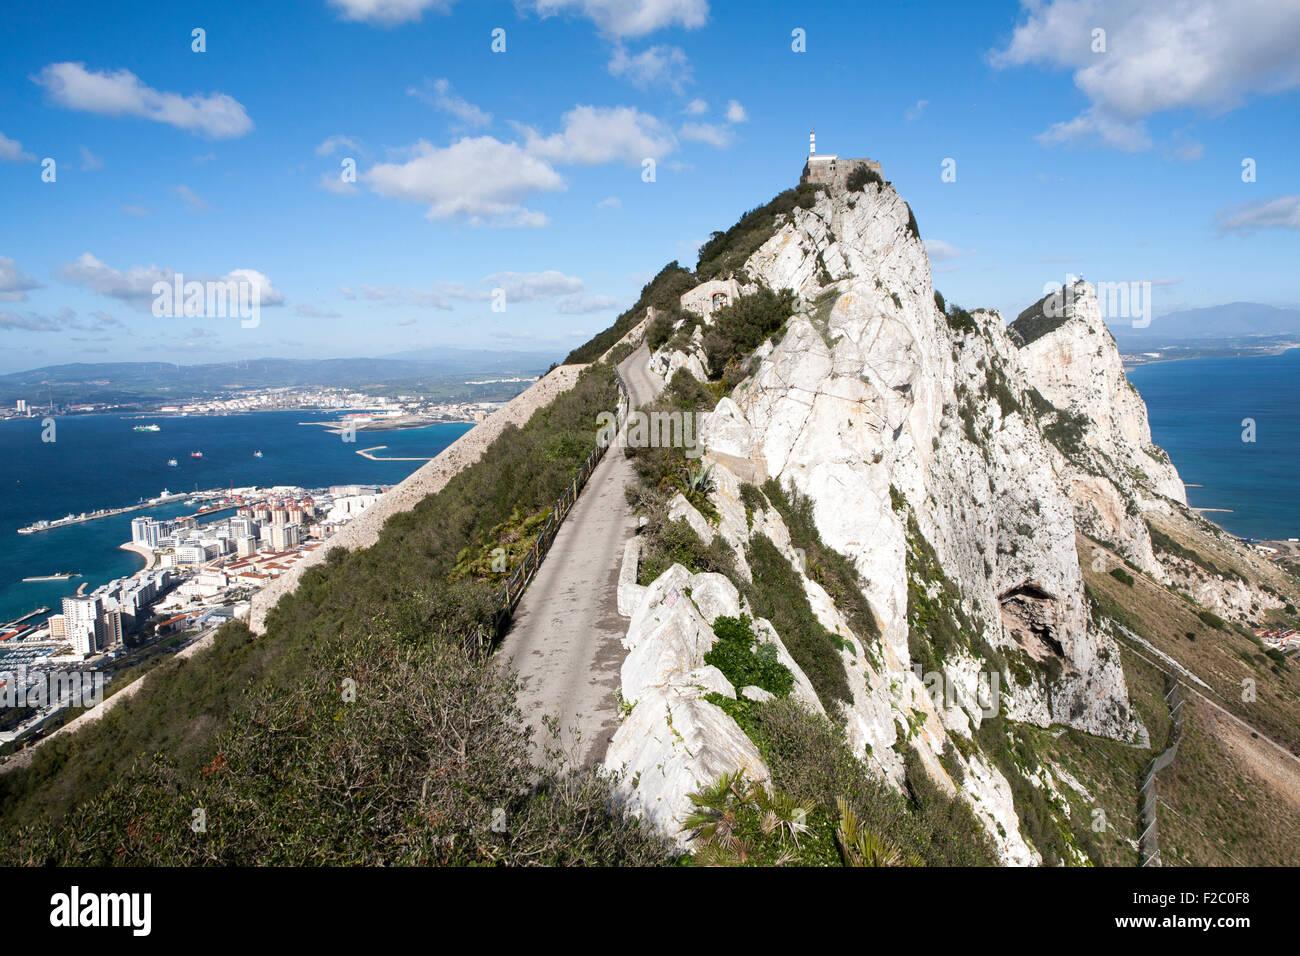 Pure white rock montagne le Rocher de Gibraltar, territoire britannique dans le sud de l'Europe Photo Stock